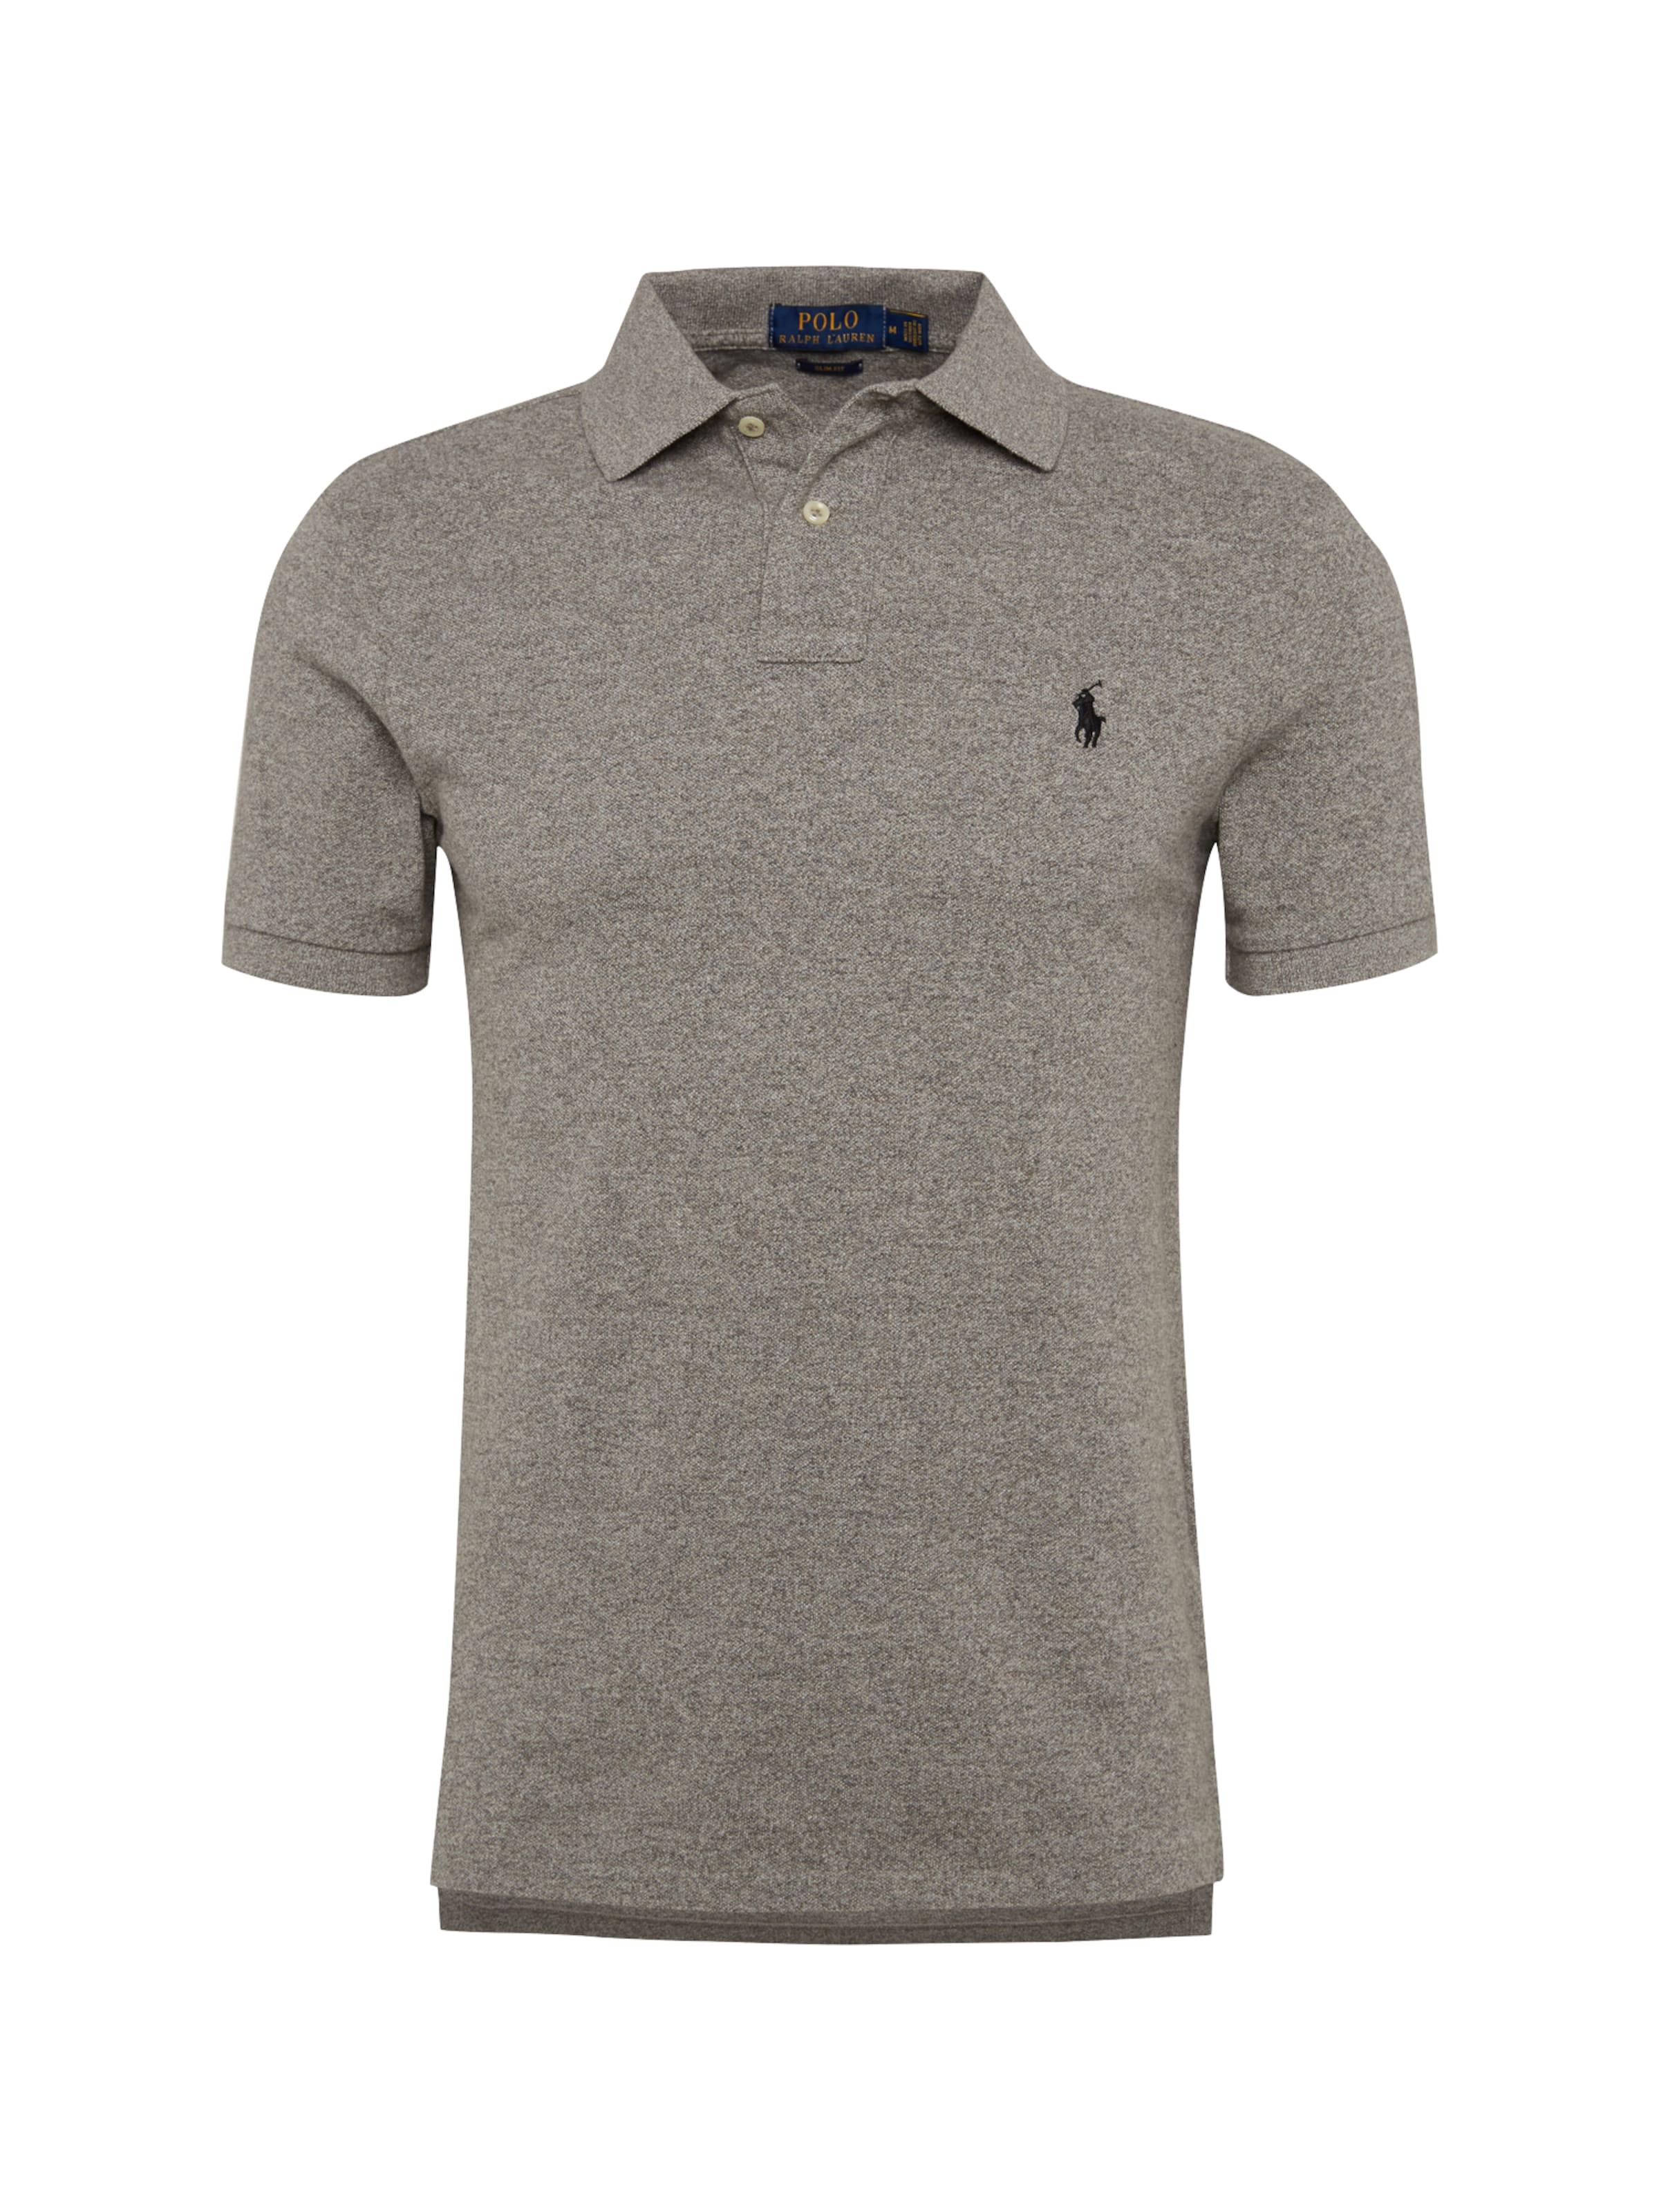 knit' Fit short Polo En Lauren Blanc Sleeve Ralph shirt 'ss Slim T l3FT1JcK